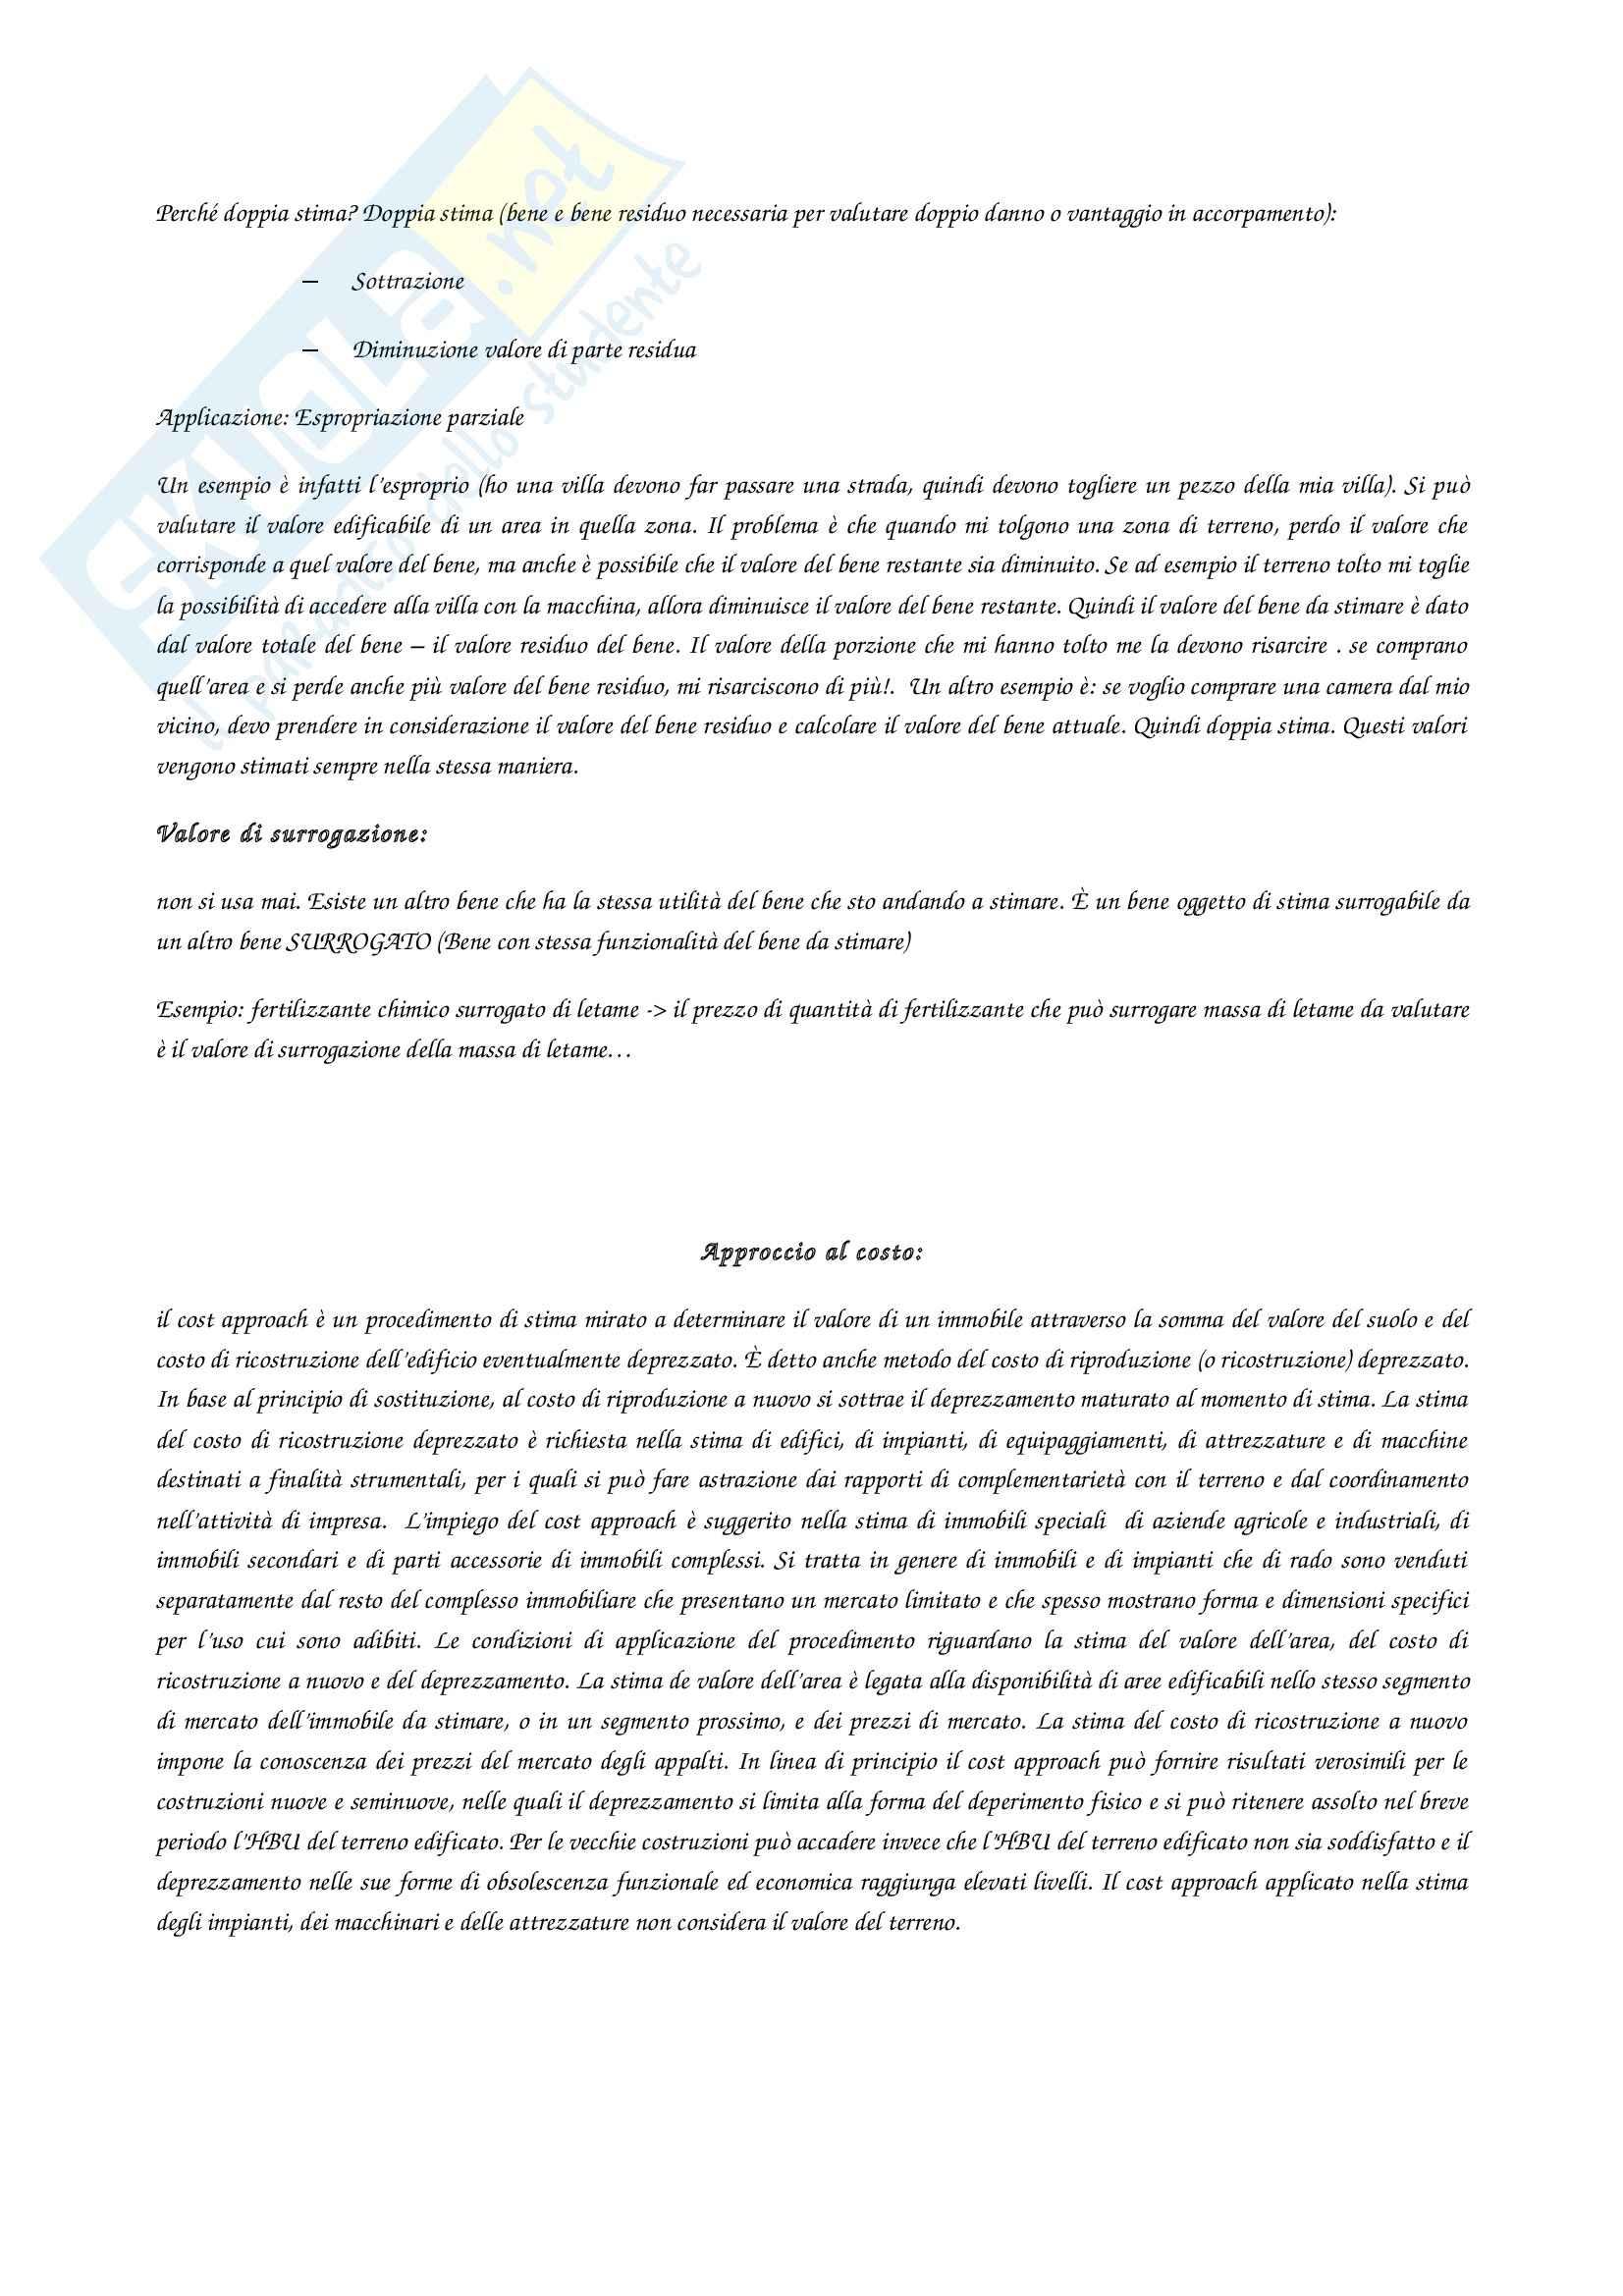 Lezioni: Appunti di Teorie e strumenti Pag. 91